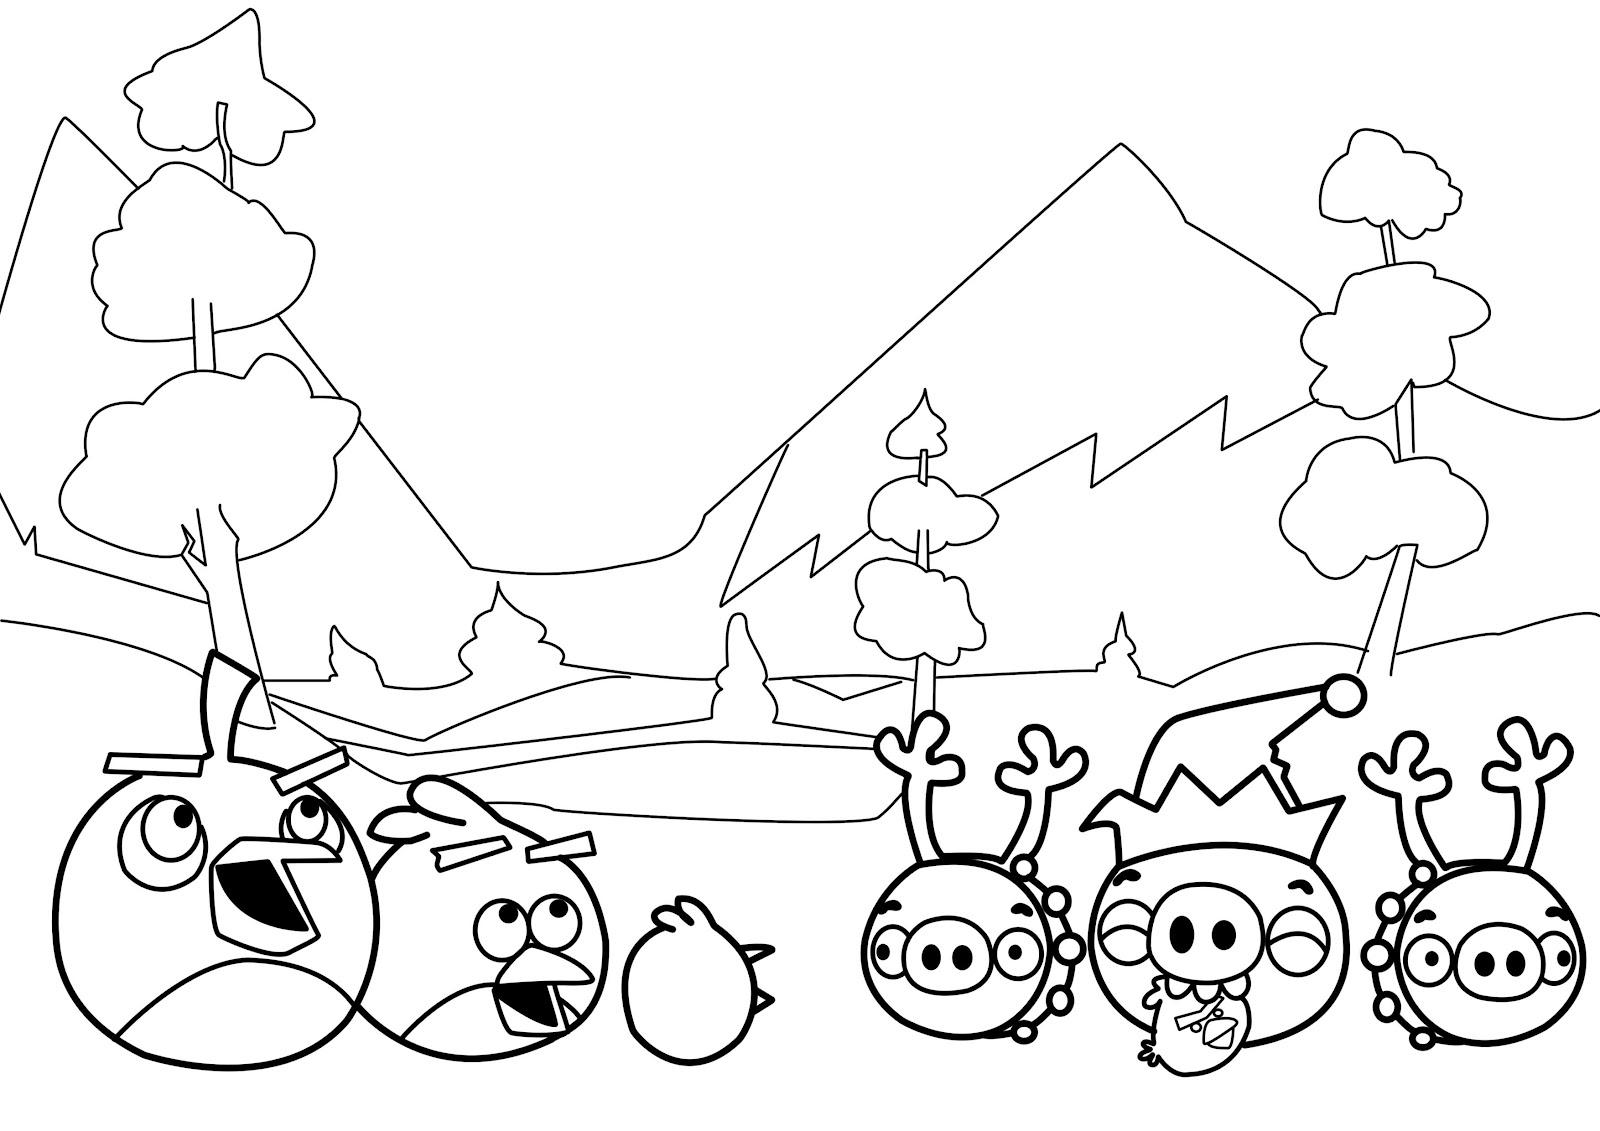 Como Desenhar O Pássaro Vermelho De Angry Birds: Brinquedos De Papel: Desenhos Dos Angry Birds Para Colorir